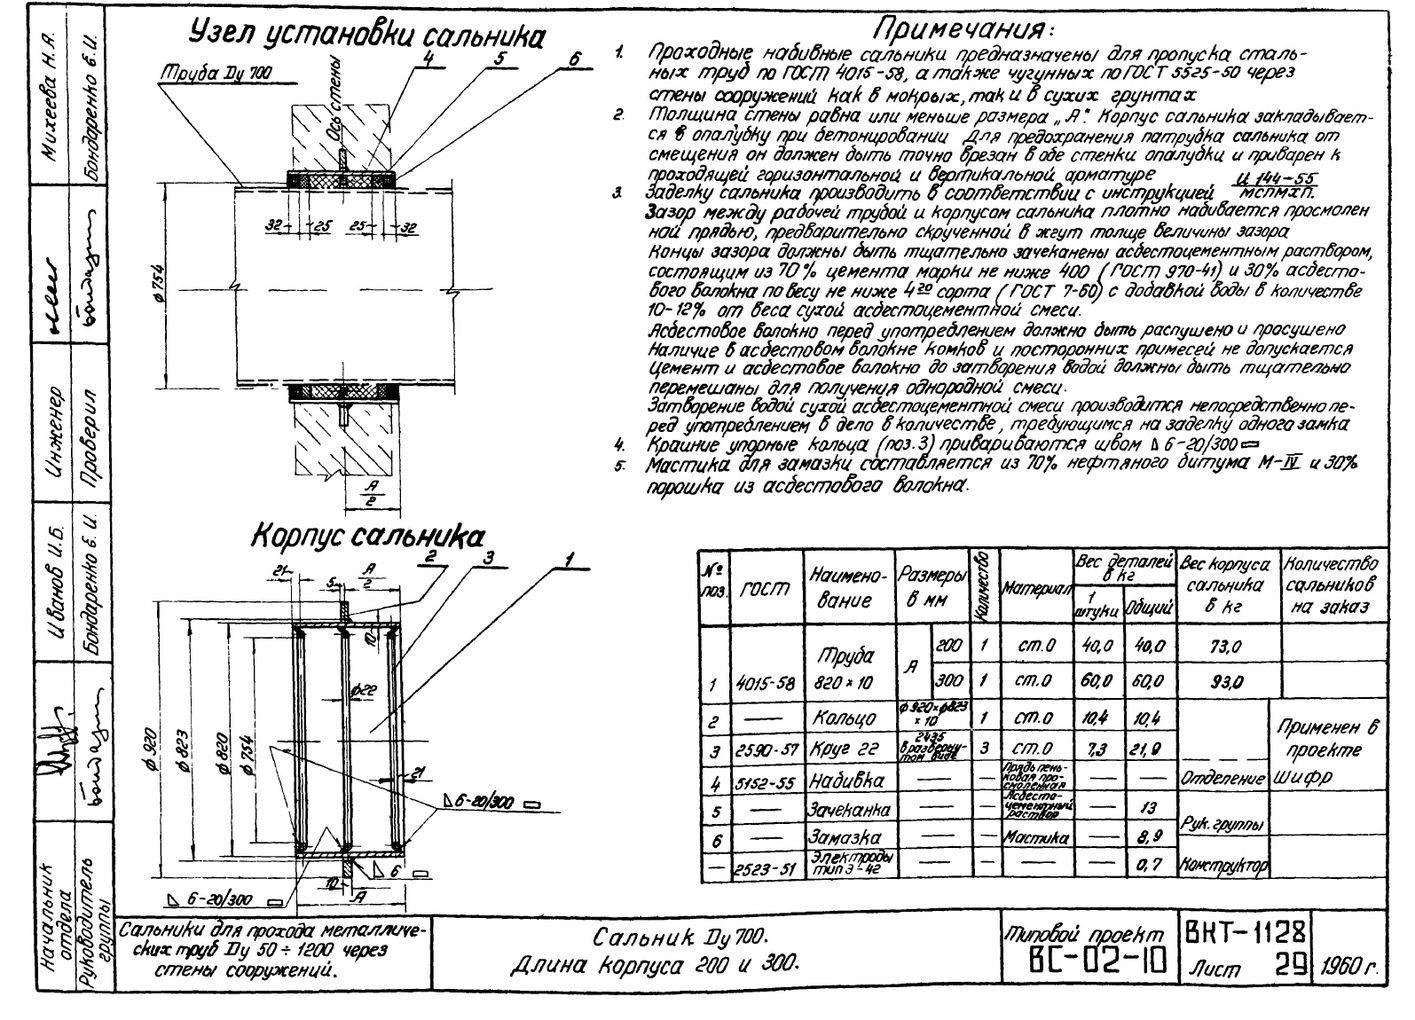 Сальники набивные L = 200 мм типовой проект ВС-02-10 стр.14